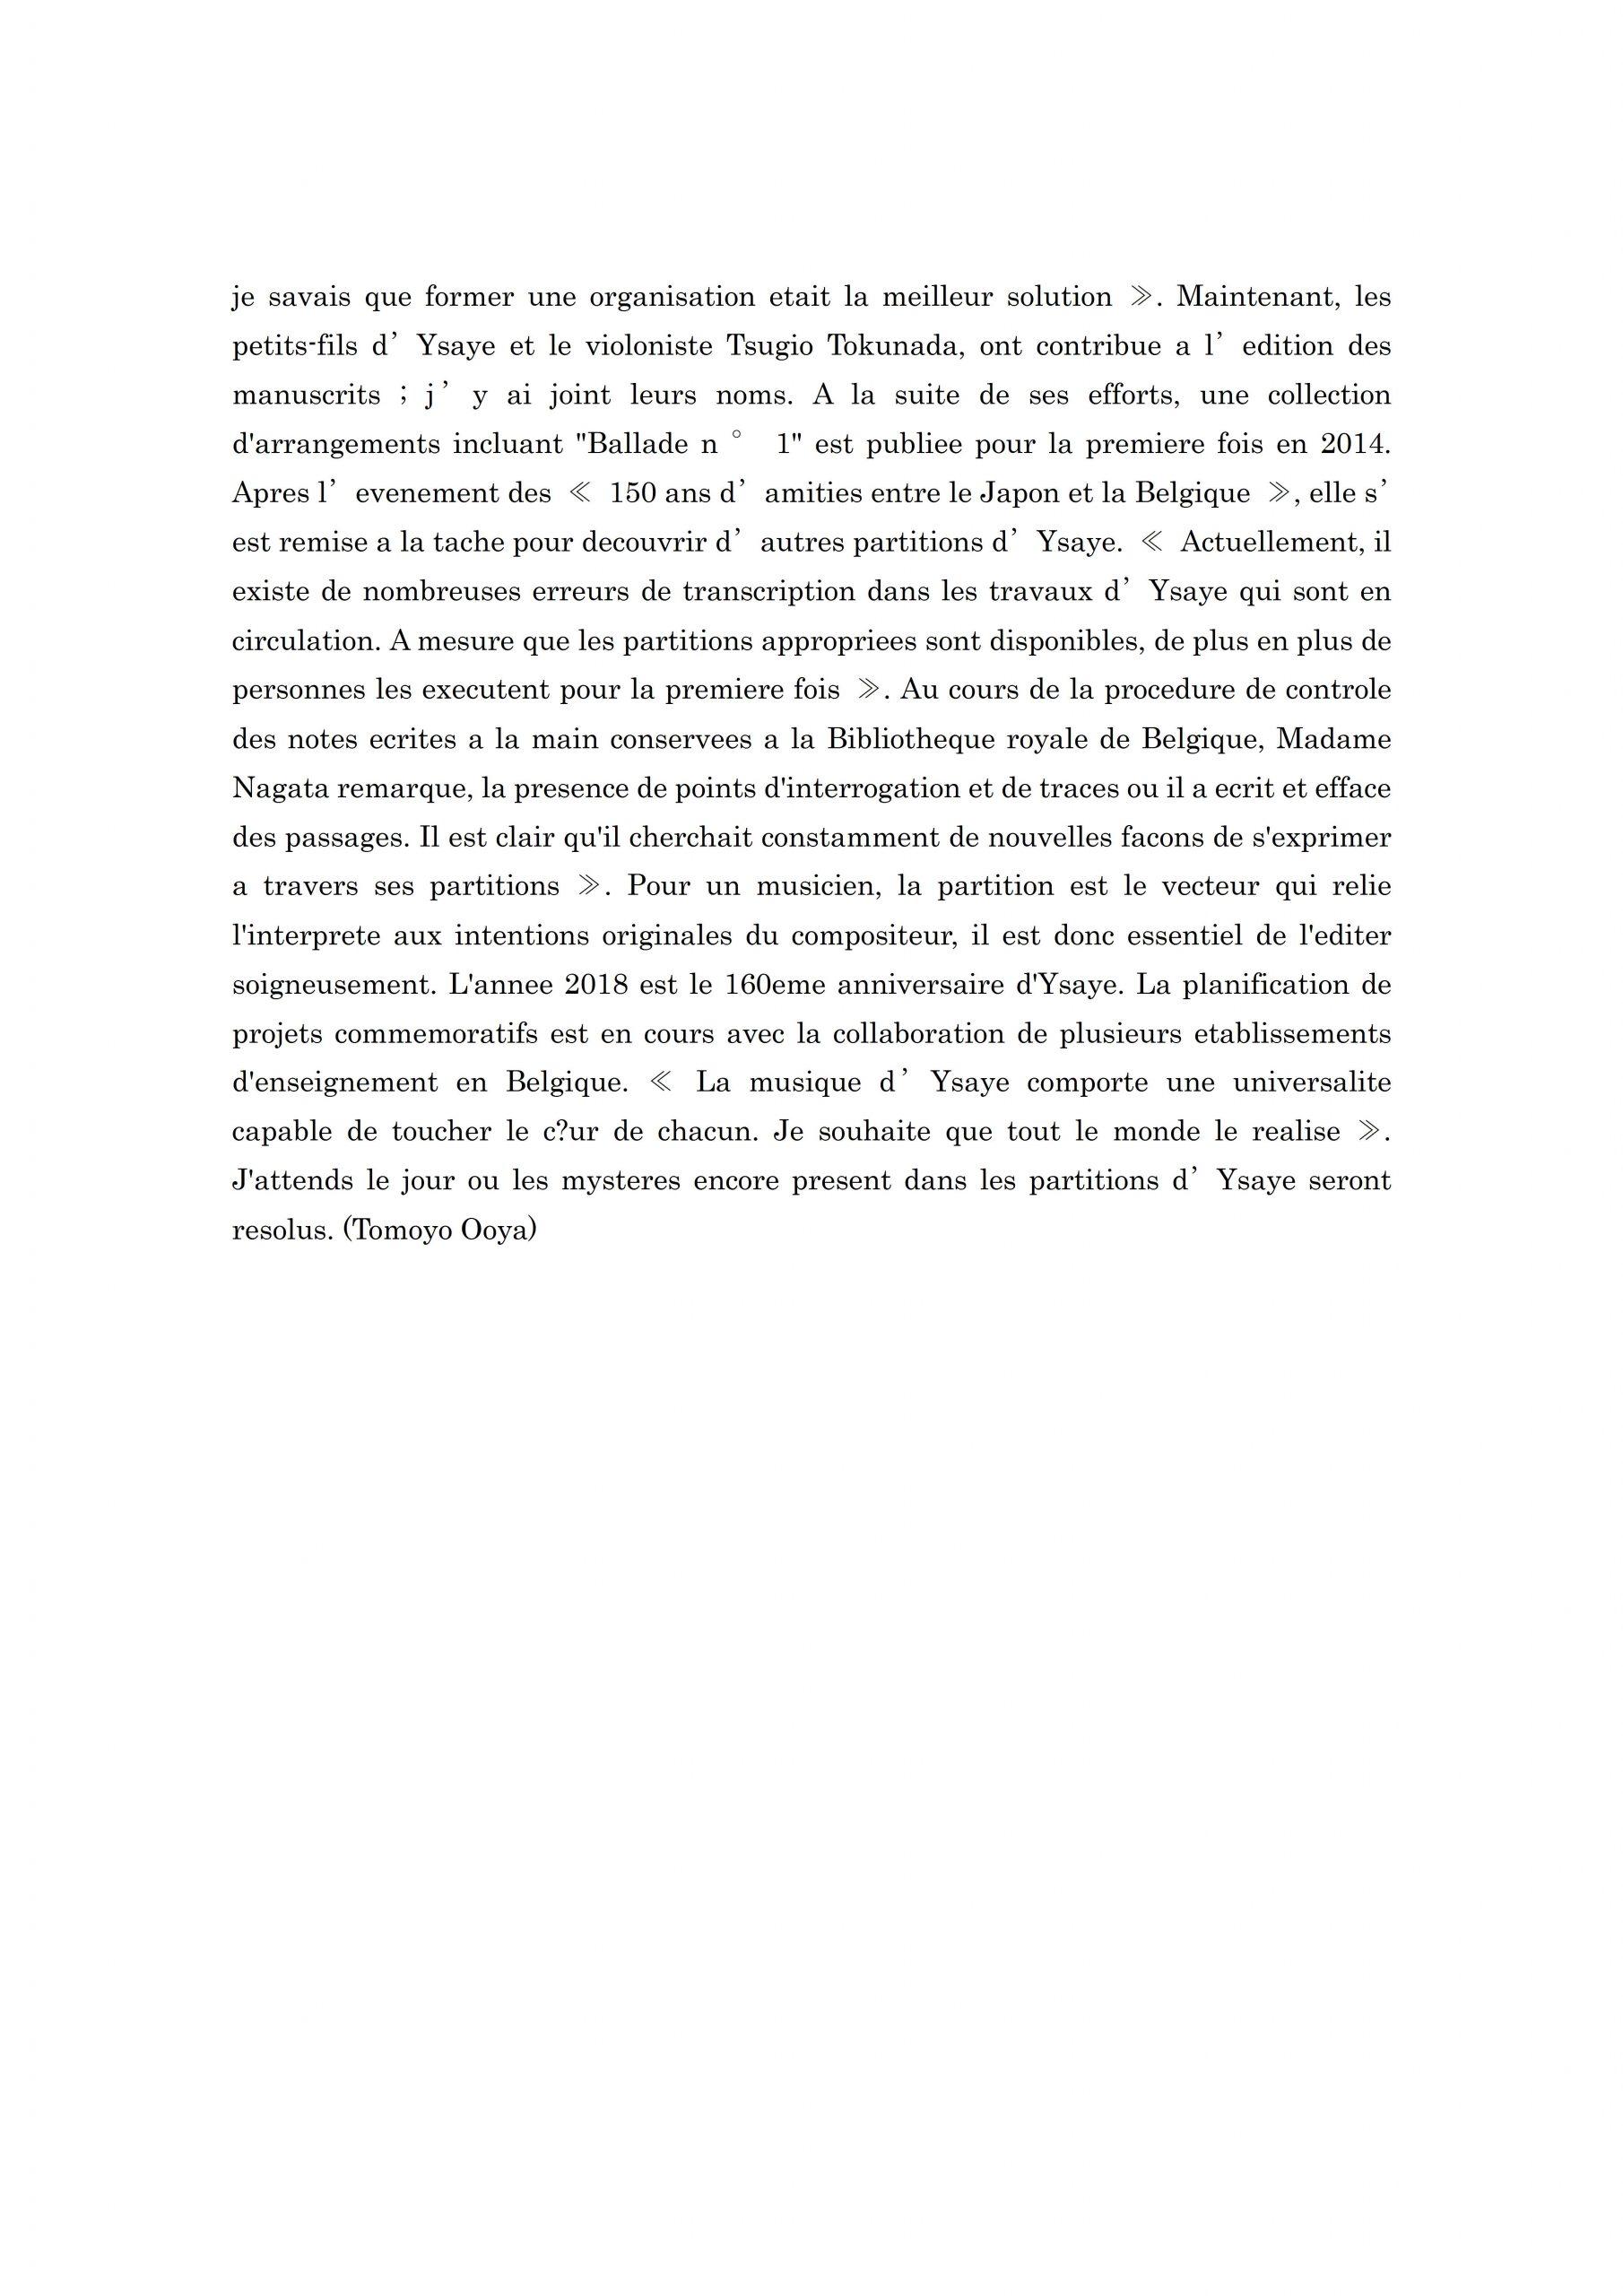 文書 1-14-2 (1)